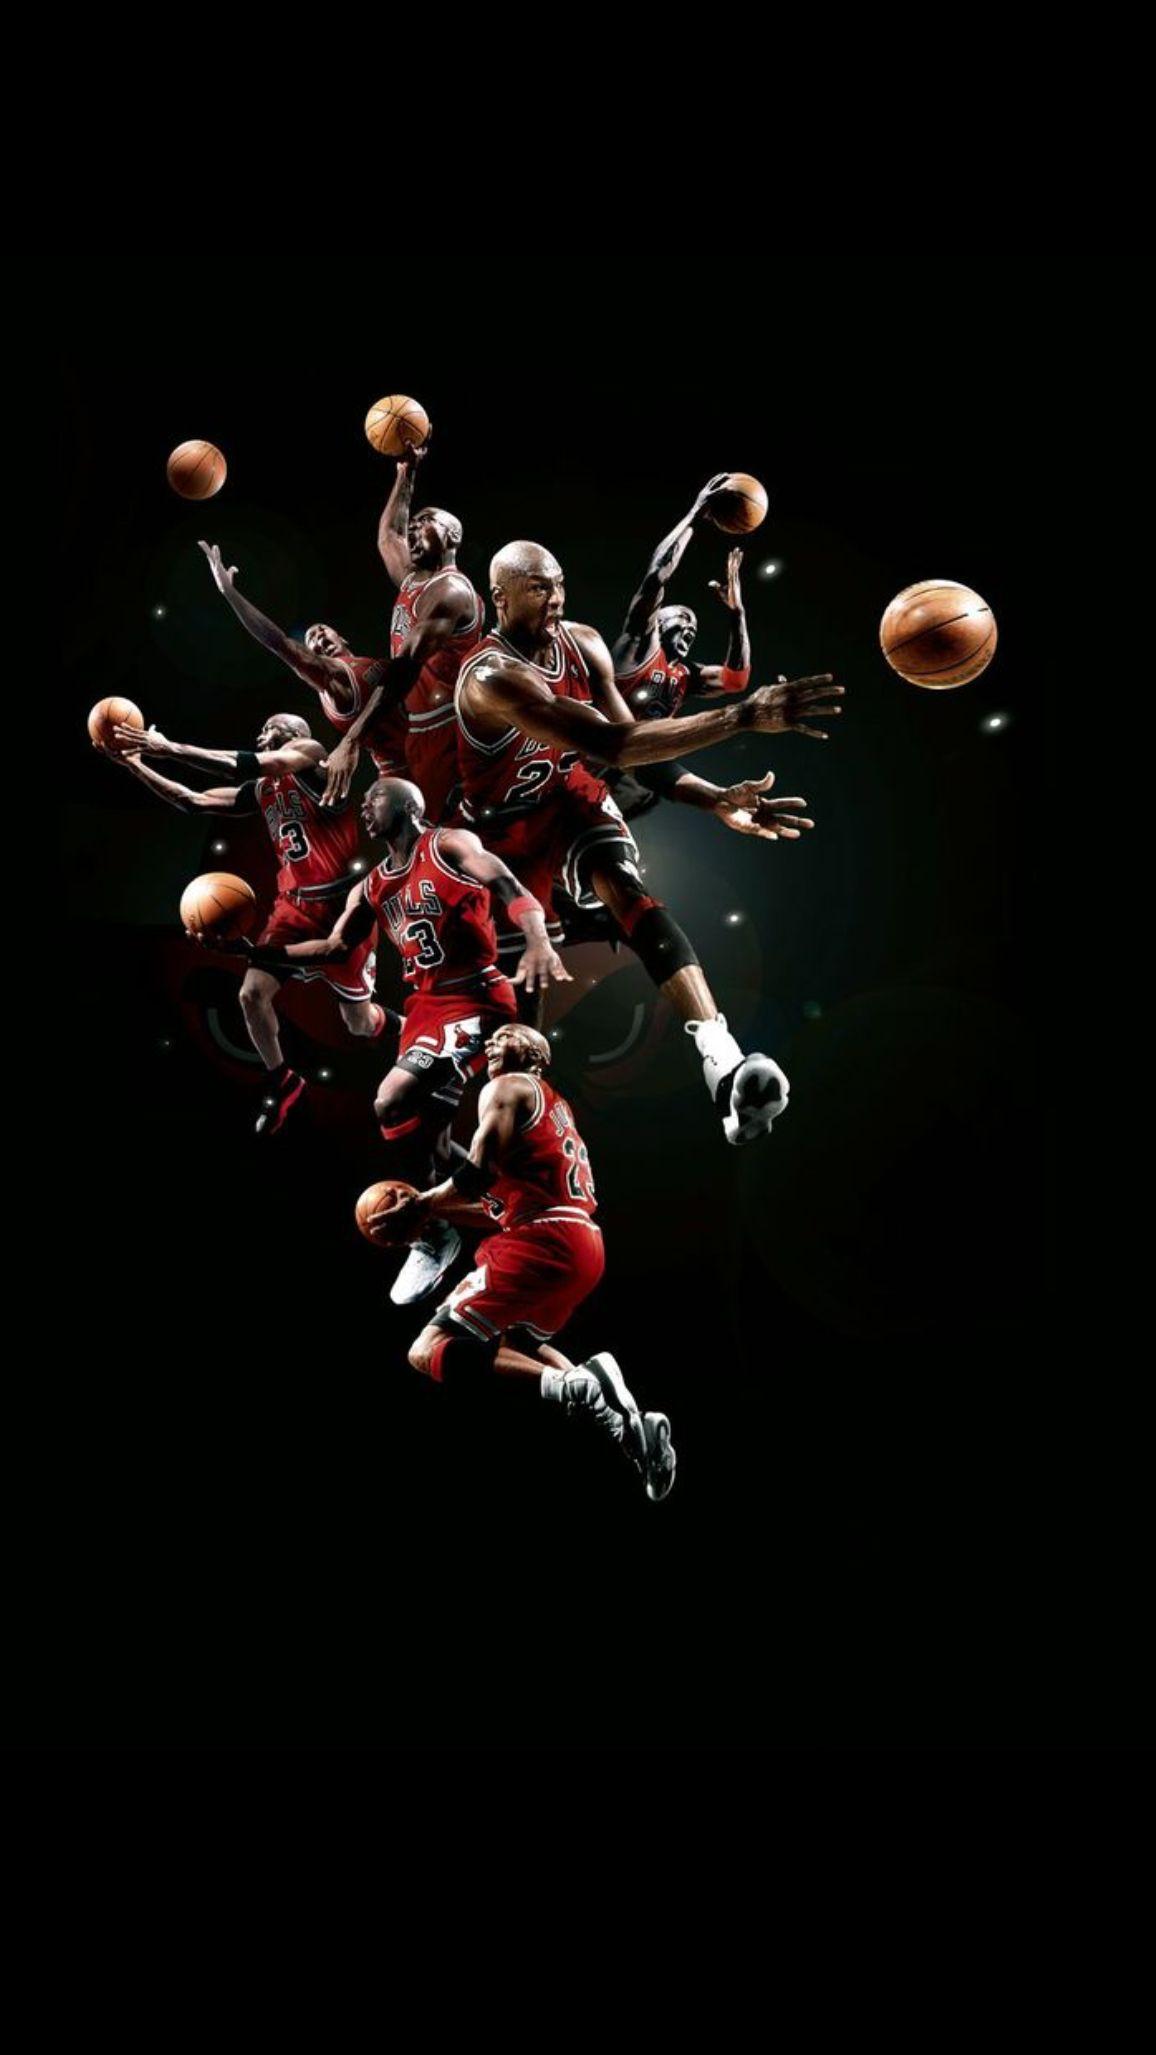 new concept a5a0c d973c Jordan 23, Michael Jordan, Goat, Darth Vader, Goats